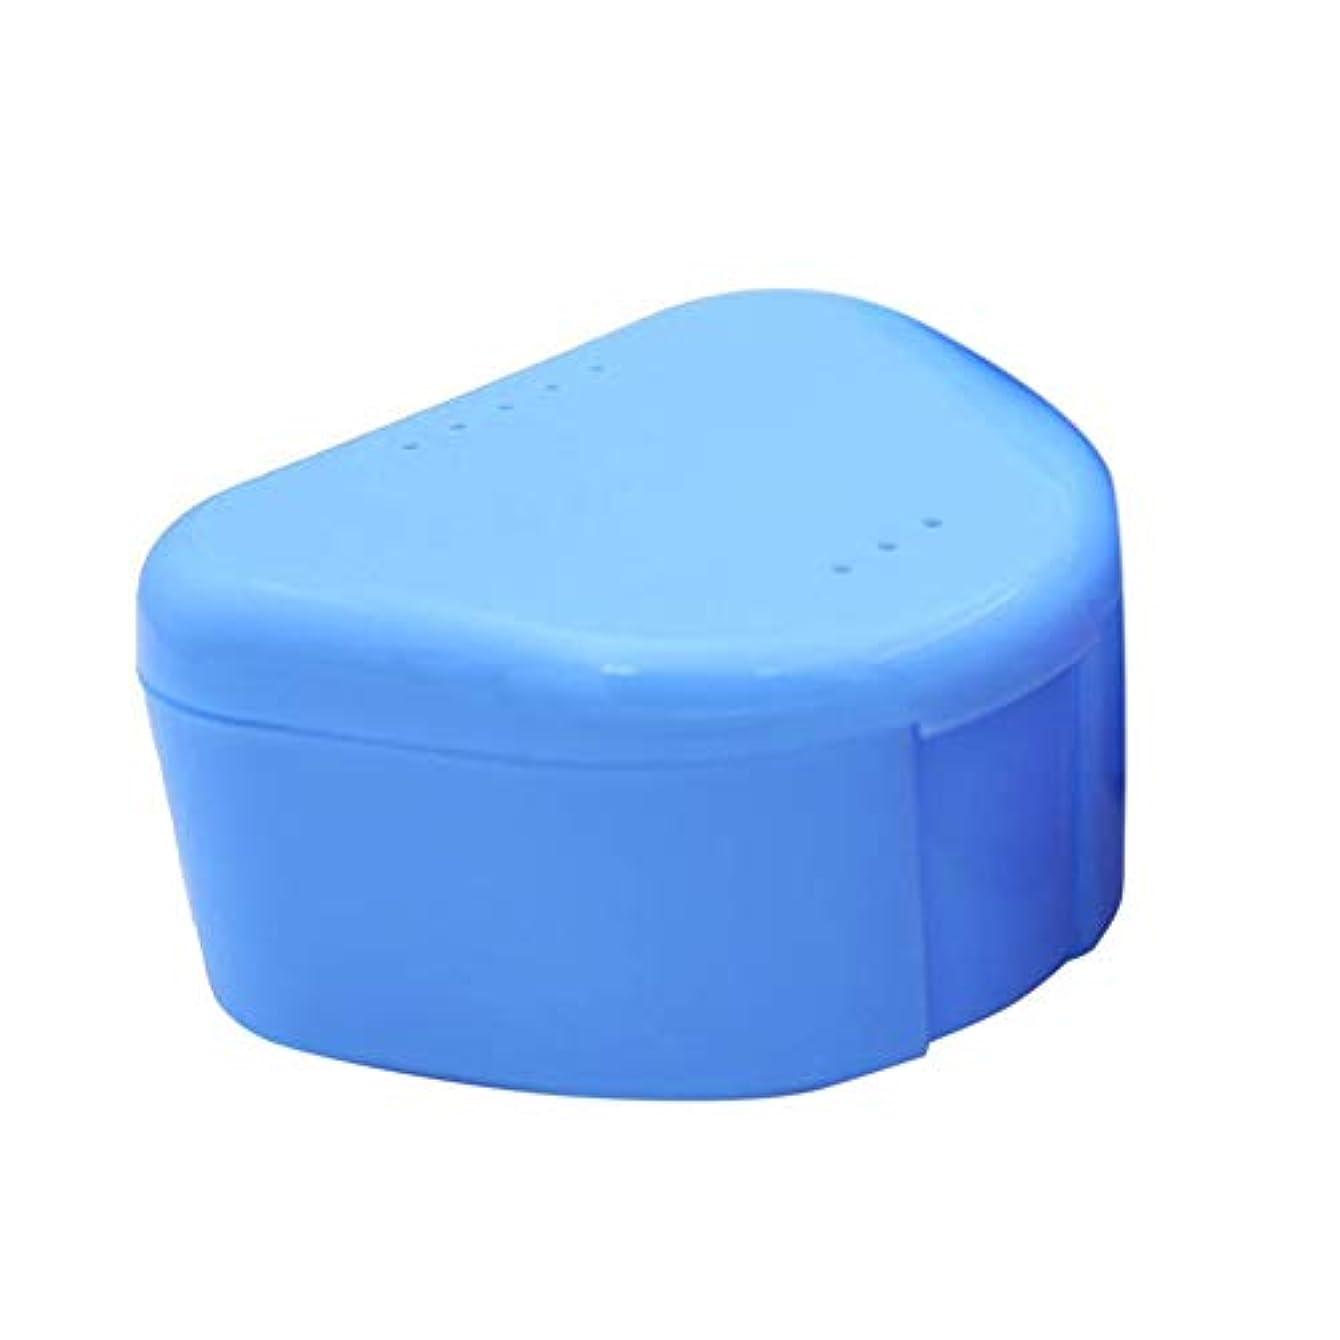 ゲート簡略化する平凡デンタルリテーナーケースデンタルブレース偽歯収納ケースボックスマウスピースオーガナイザーオーラルヘルスケアデンタルトレイボックス(Color:random)